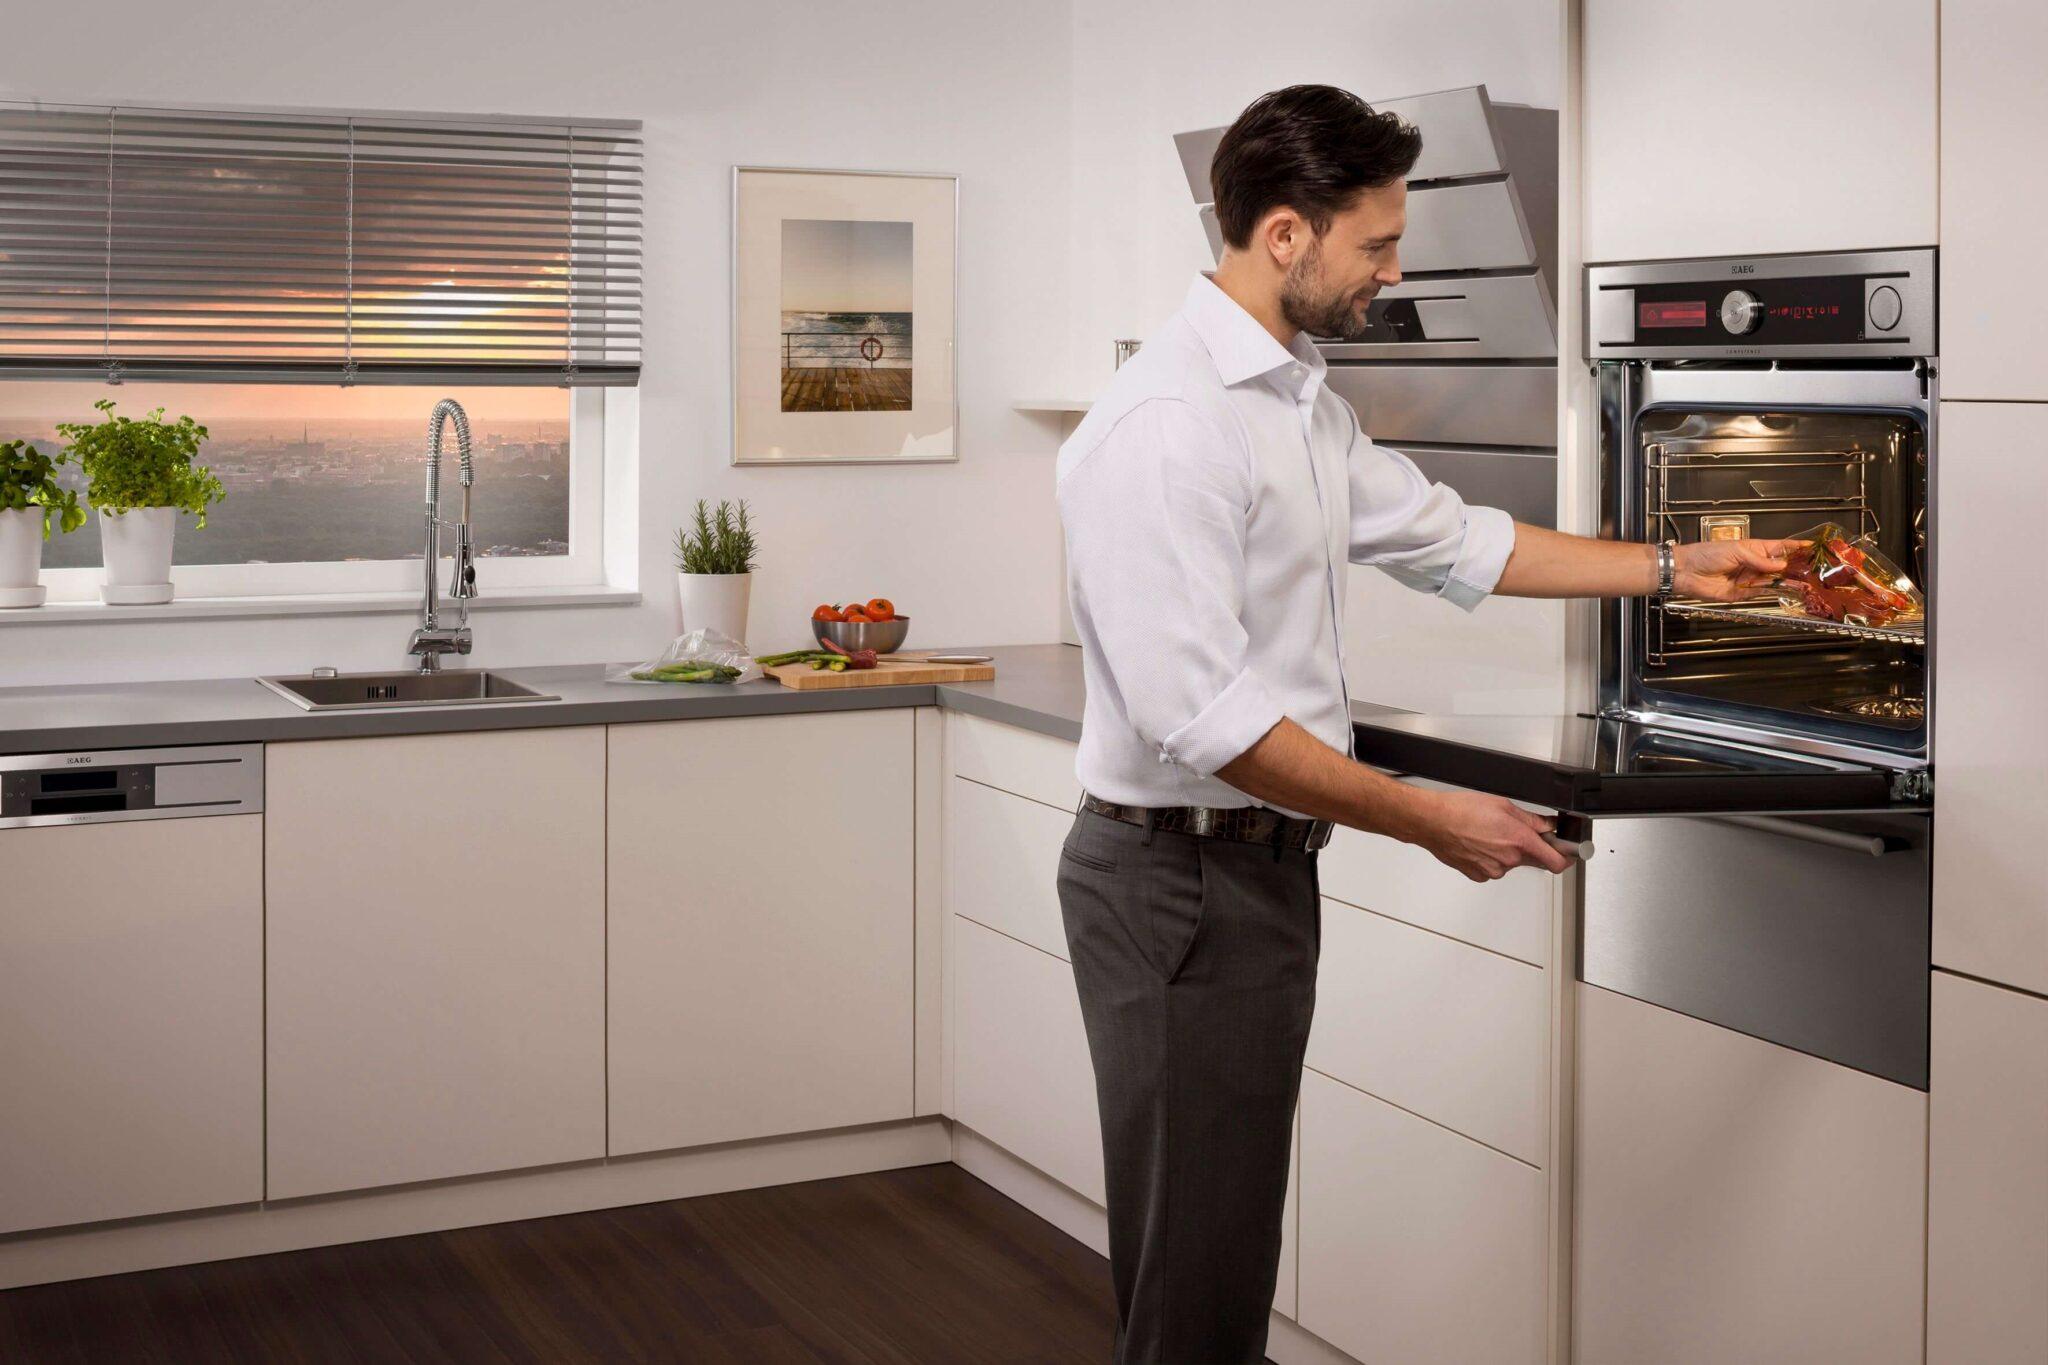 Рейтинг встраиваемых электрических духовых шкафов: характеристики моделей и советы по выбору